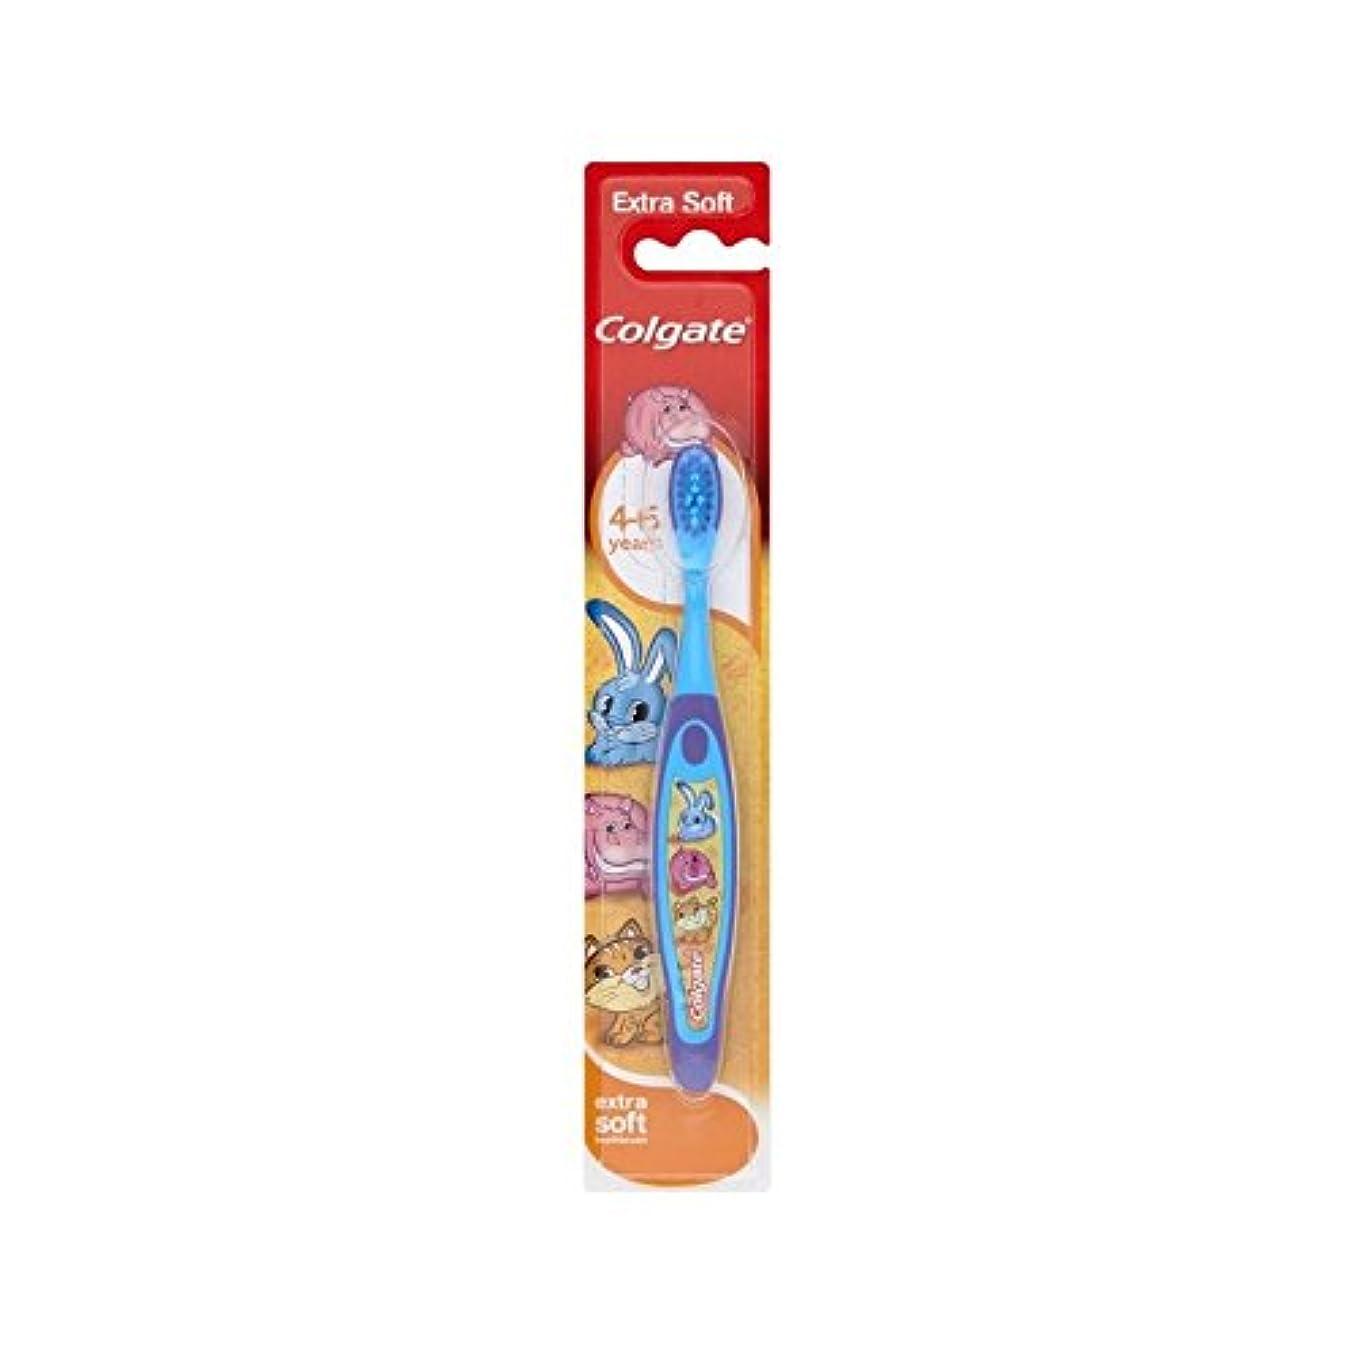 定数パケット瞬時に4-6歳の歯ブラシを笑顔 (Colgate) - Colgate Smiles 4-6 Years Old Toothbrush [並行輸入品]